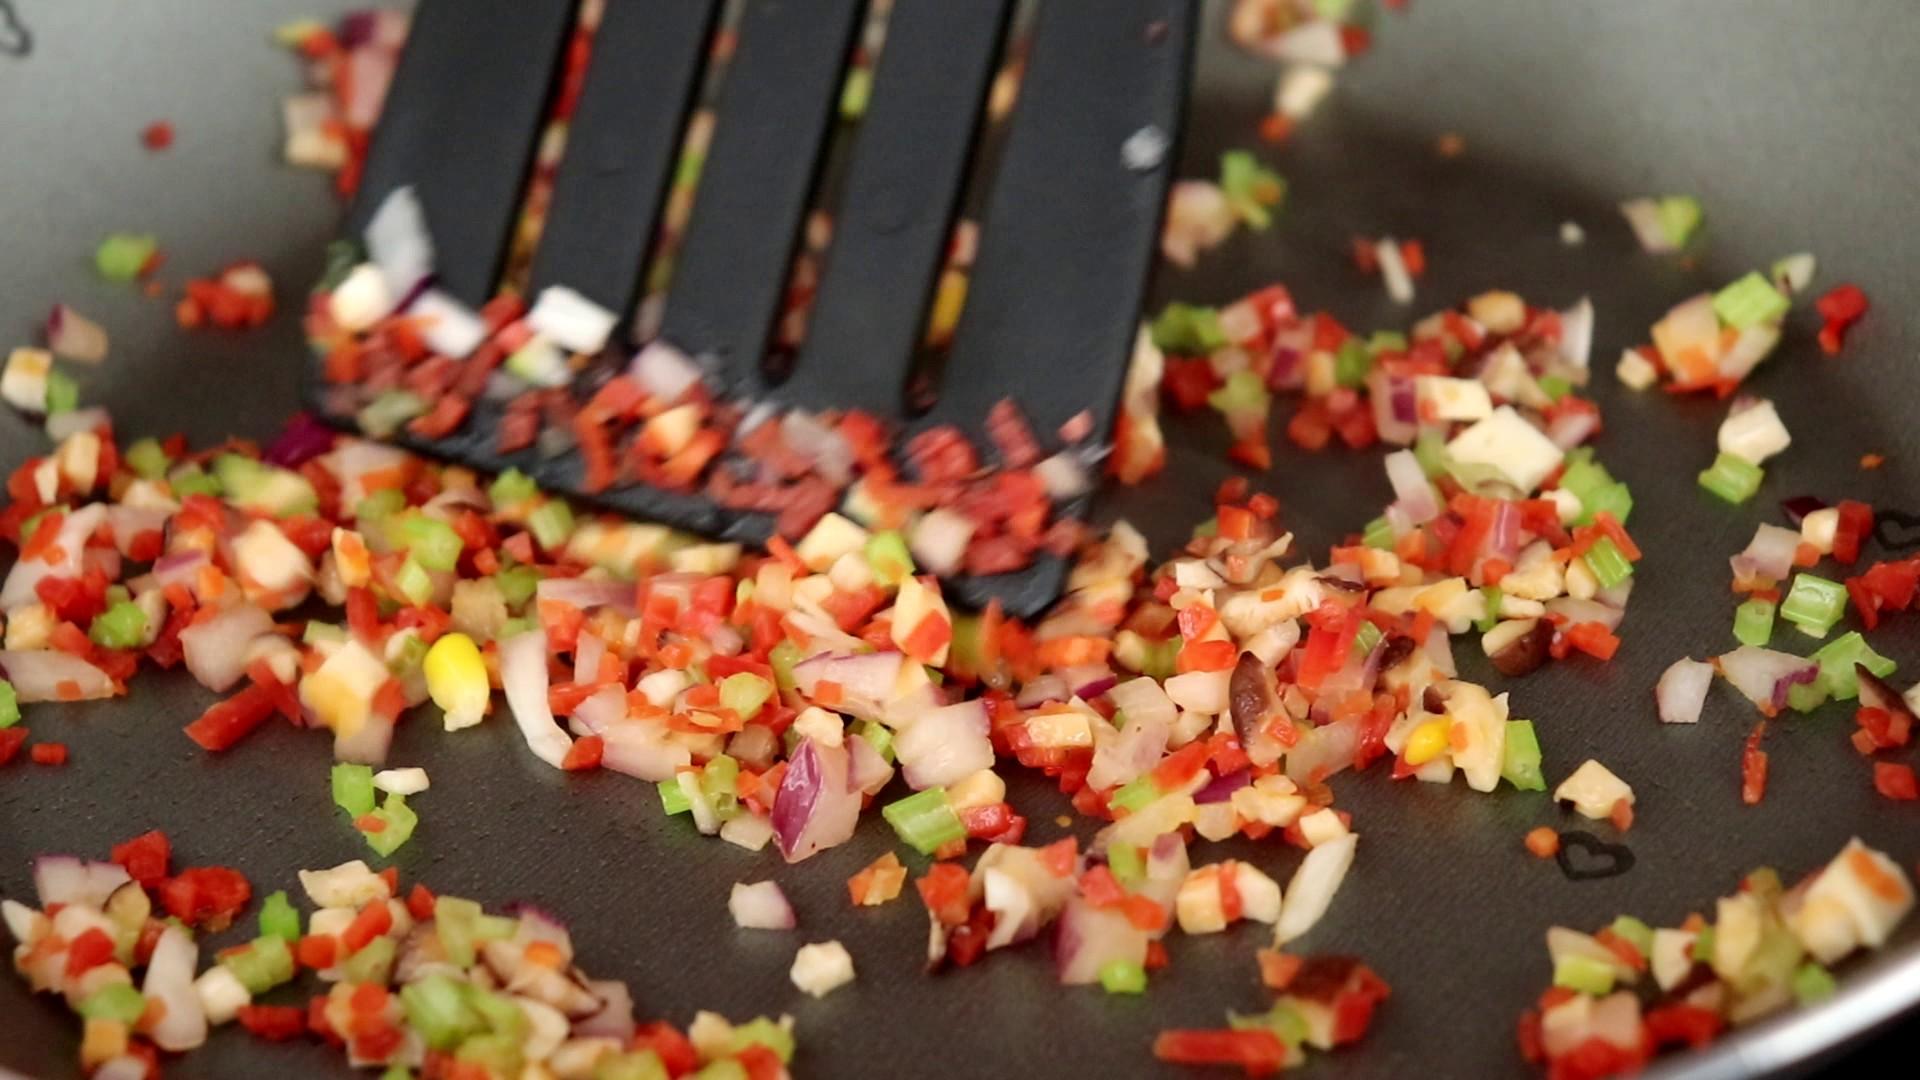 时蔬火腿饭团,翻炒至蔬菜出汁,倒入适量清水煮沸,大概煮至所有食材都变软即可</p> <p>